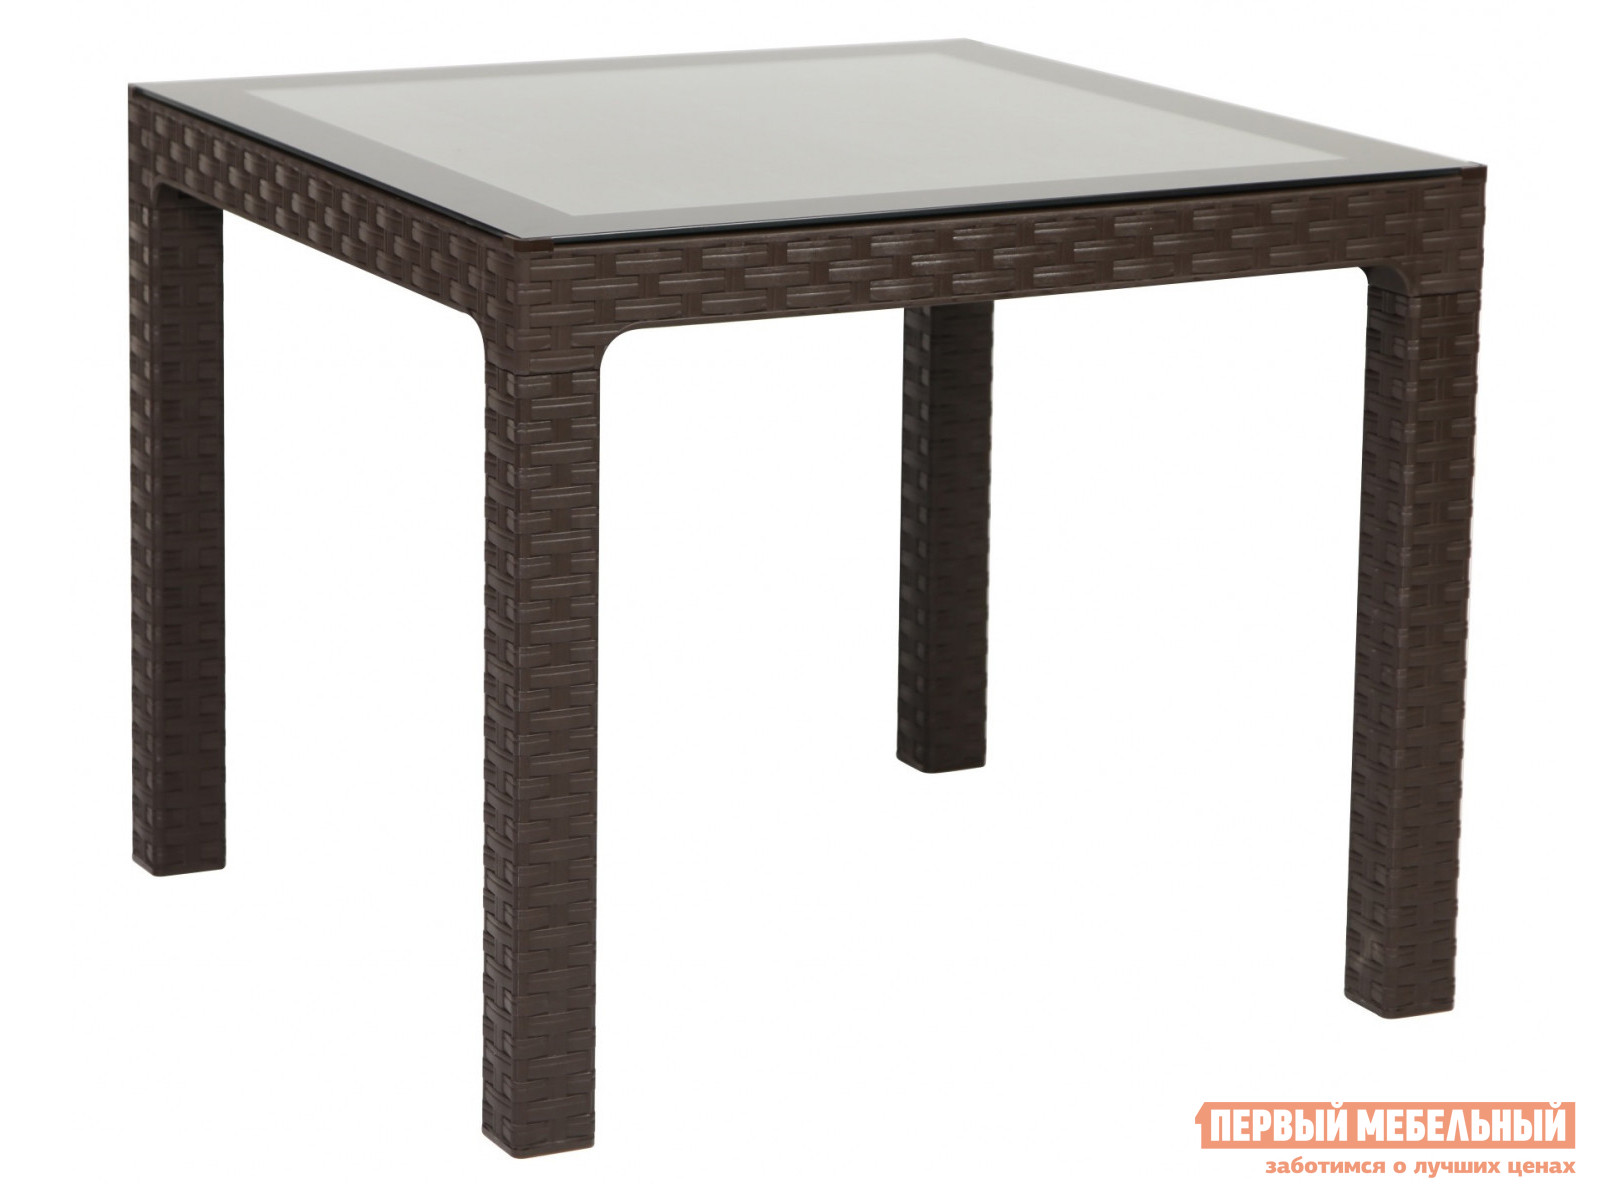 Садовый стол Рихаус Стол пластиковый Arizona со стеклом DEL/AR-R/90x90/GL/W пластиковый стул рихаус net 4032656000 4032675000